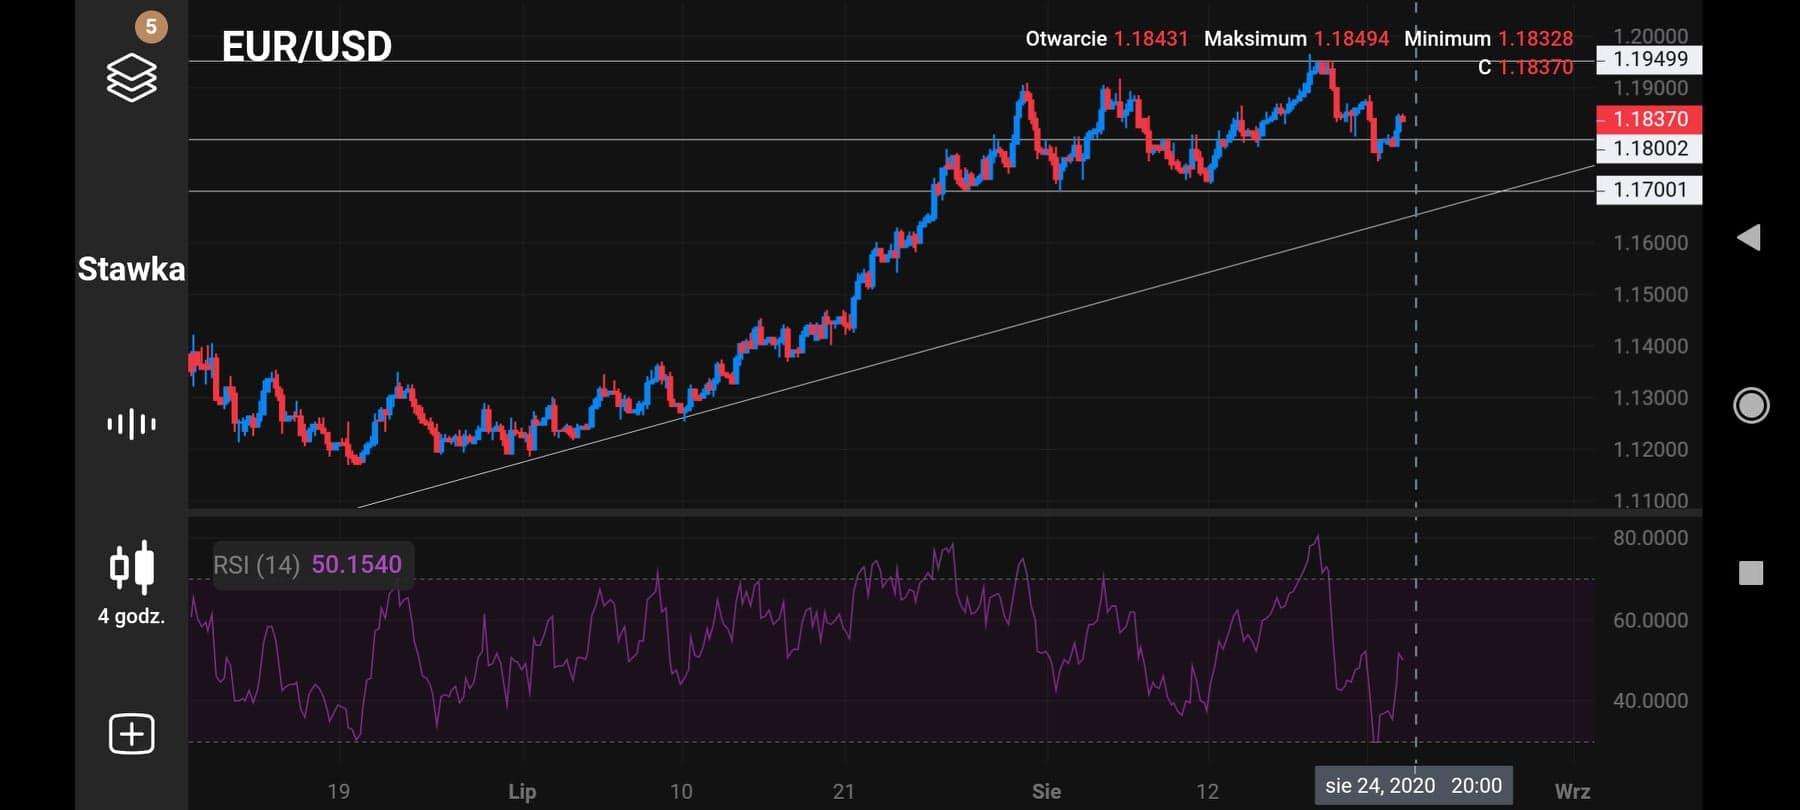 Trading mobilny: analiza ceny złota, ceny ropy naftowej oraz kursu EUR/USD na platformie Capital.com